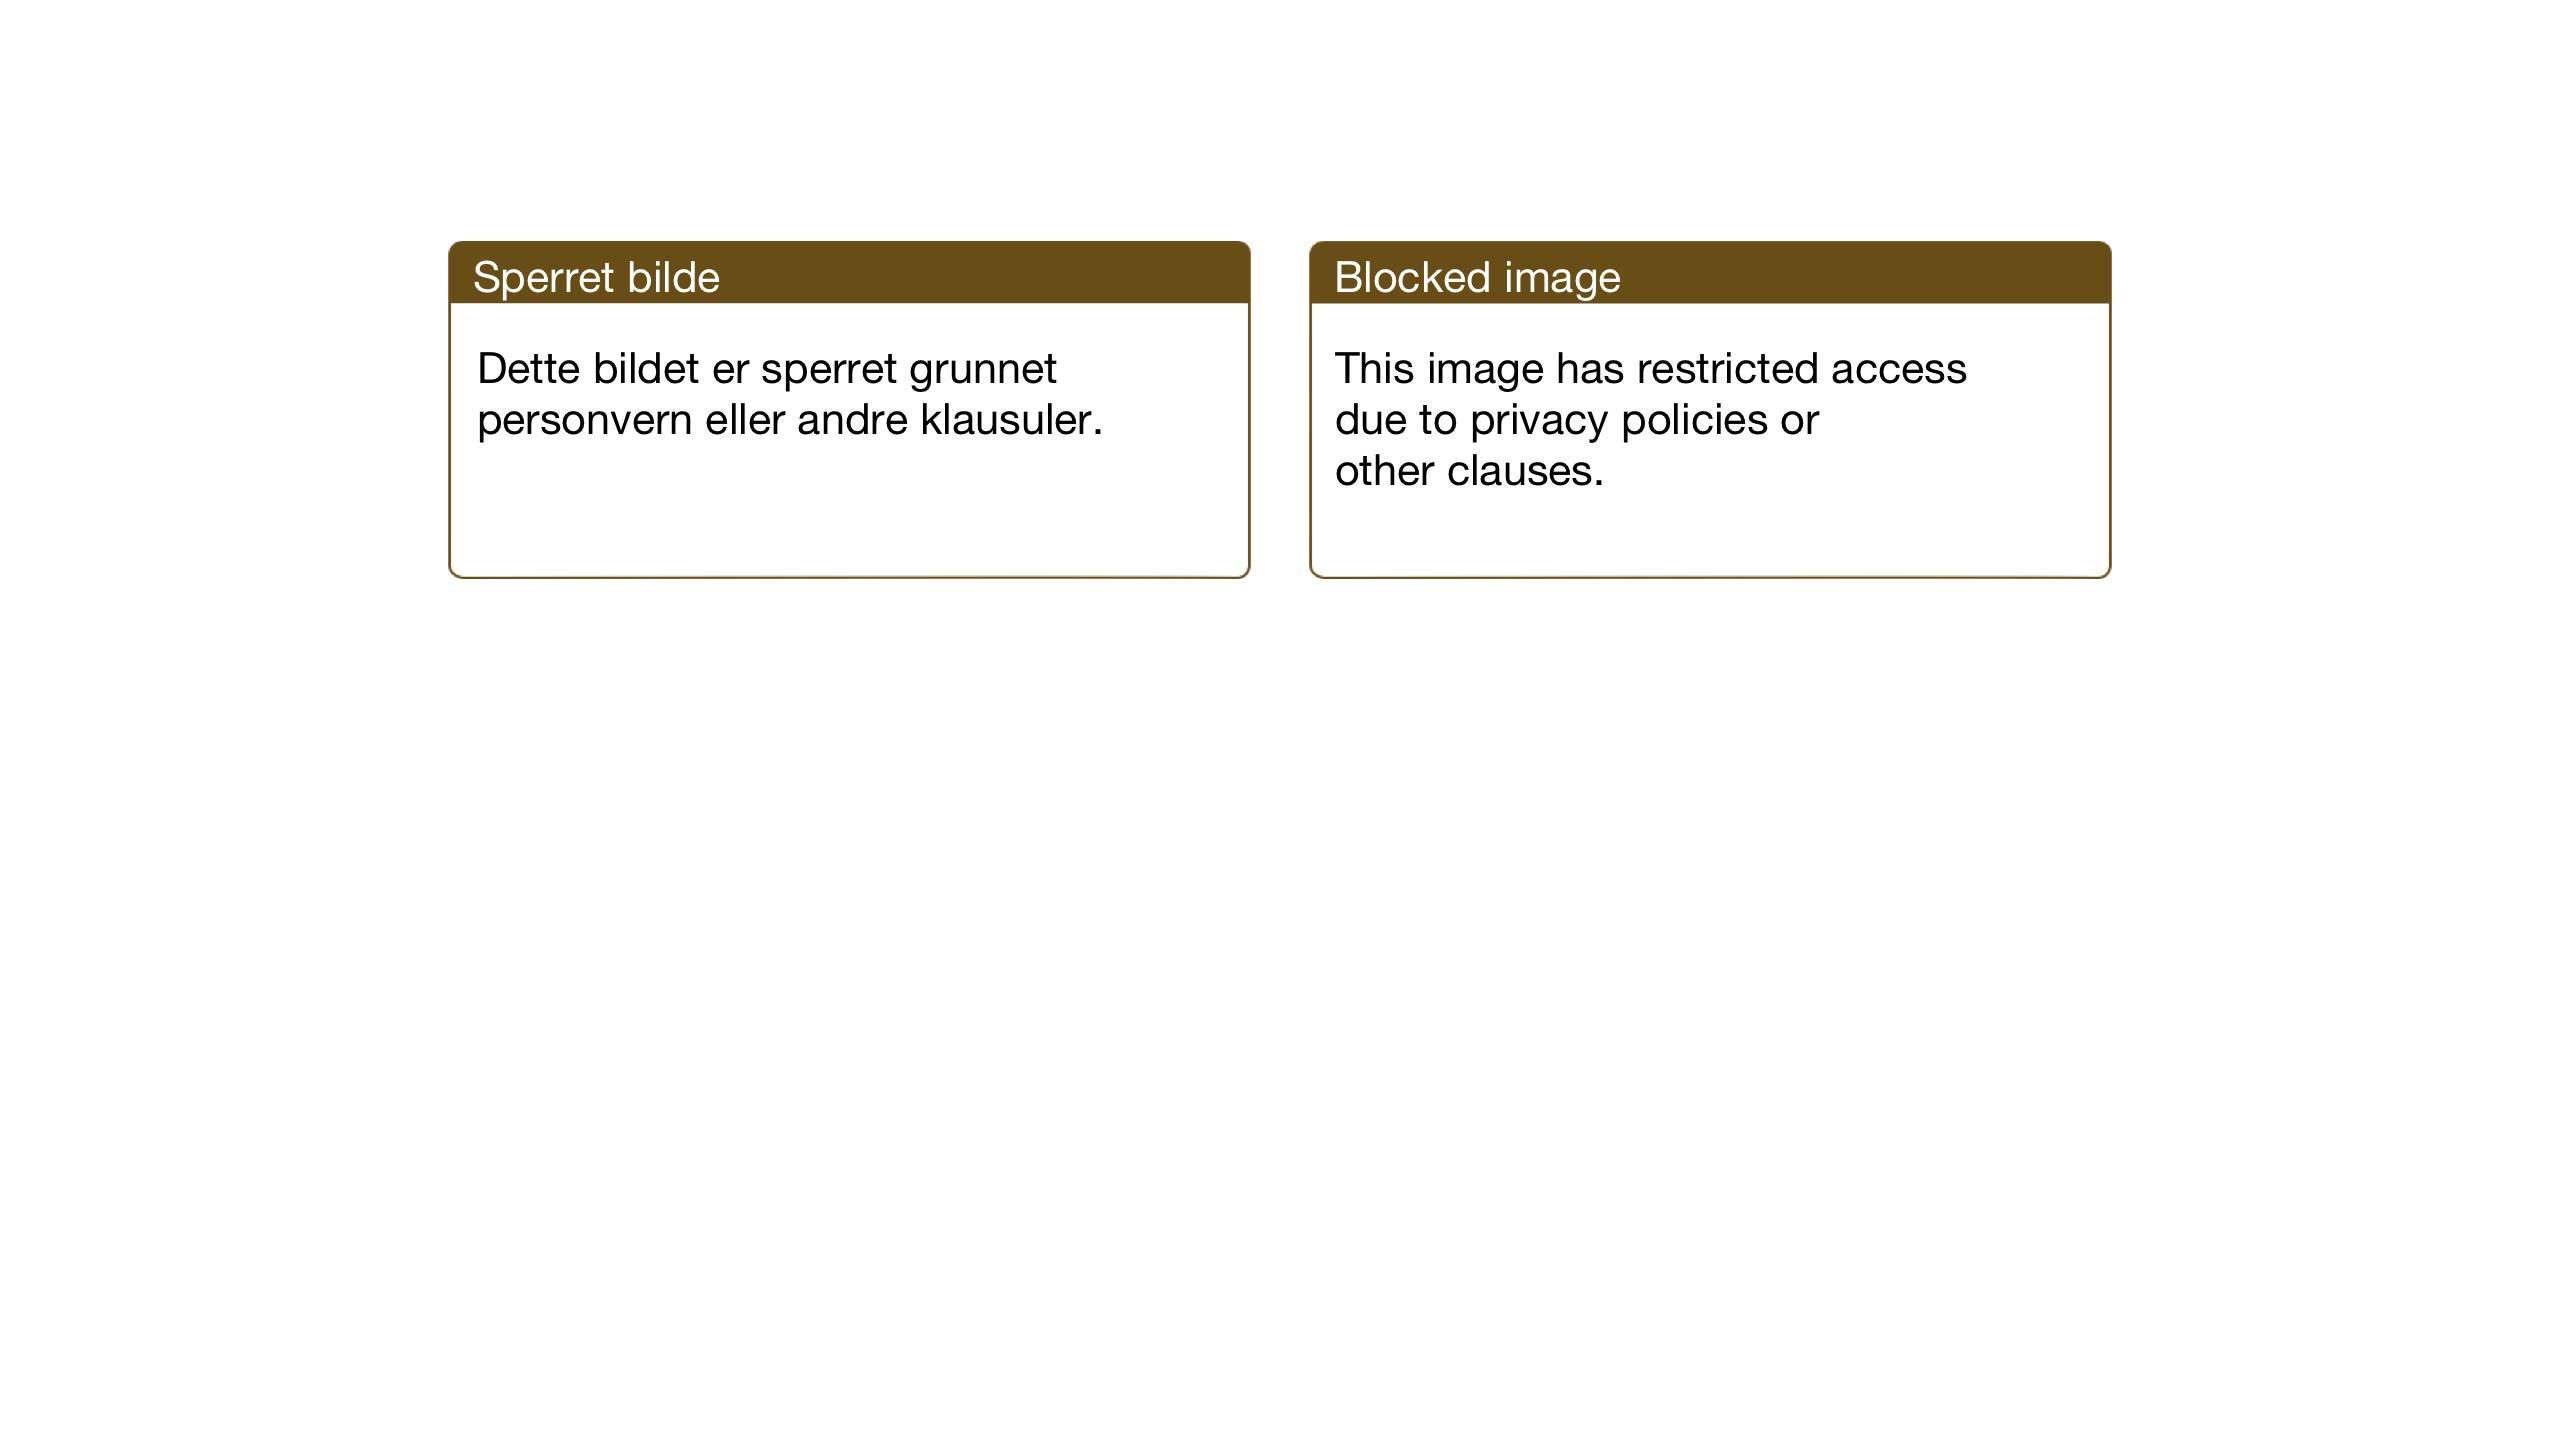 SAT, Ministerialprotokoller, klokkerbøker og fødselsregistre - Sør-Trøndelag, 637/L0564: Klokkerbok nr. 637C05, 1928-1968, s. 52